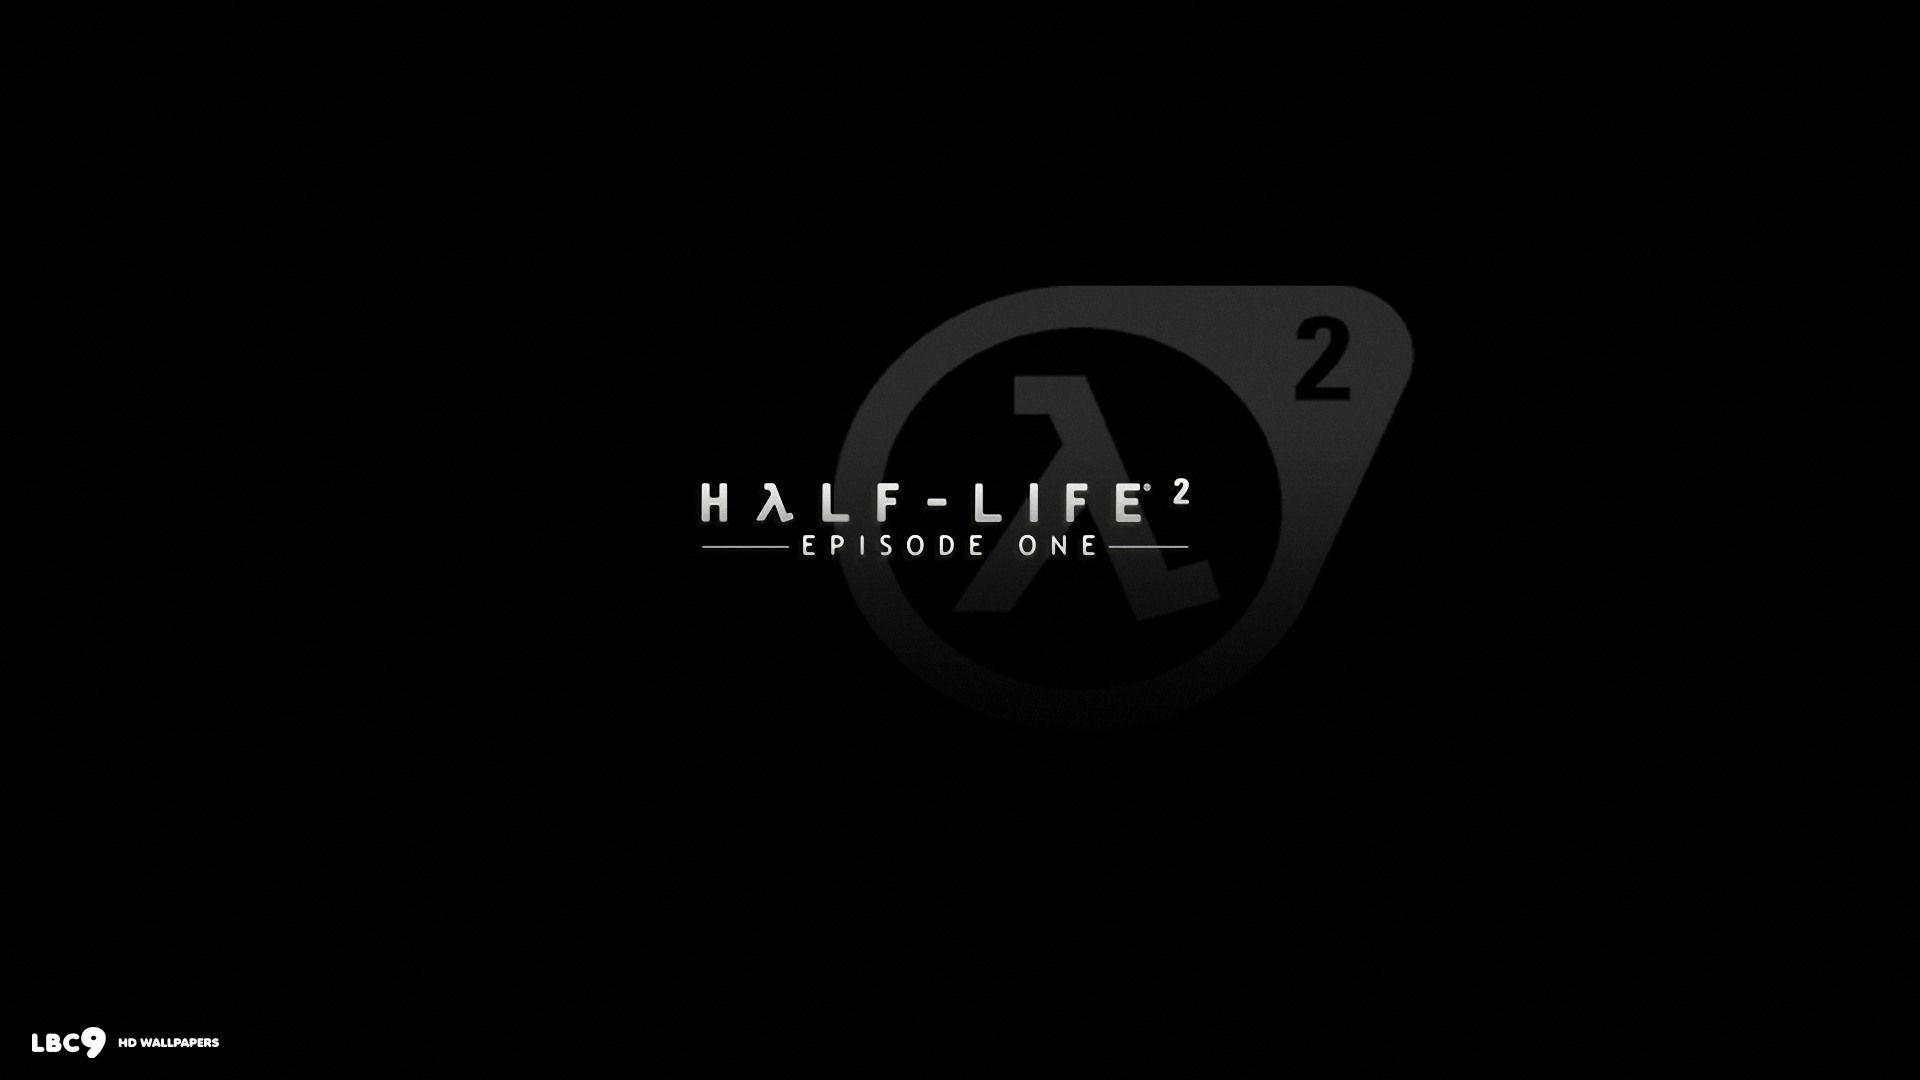 70 Half Life 2 Wallpaper Hd